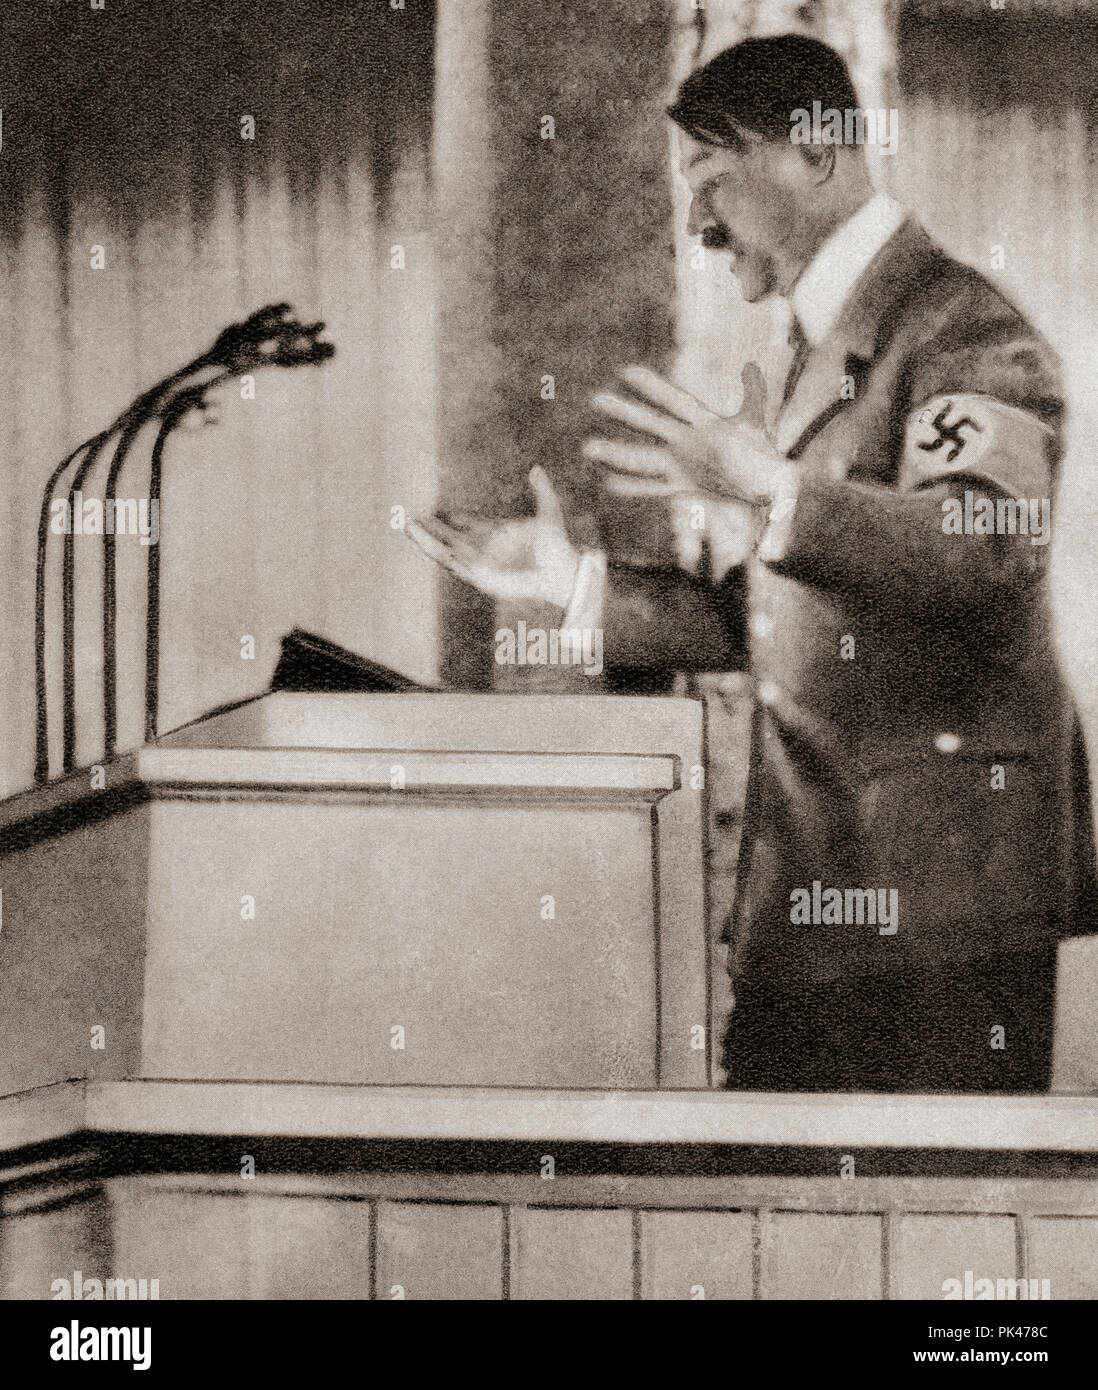 El discurso de Adolf Hitler en el rally de Nuremberg, el 12 de septiembre de 1938, declarando que la opresión de los Sudetes debe terminar. Adolf Hitler,1889 - 1945. Político alemán, demagogo, Pan-German revolucionario, líder del Partido Nazi, Canciller de Alemania, y el Führer de la Alemania nazi de 1934 a 1945. A partir de estos tremendos Años, publicado en 1938. Imagen De Stock